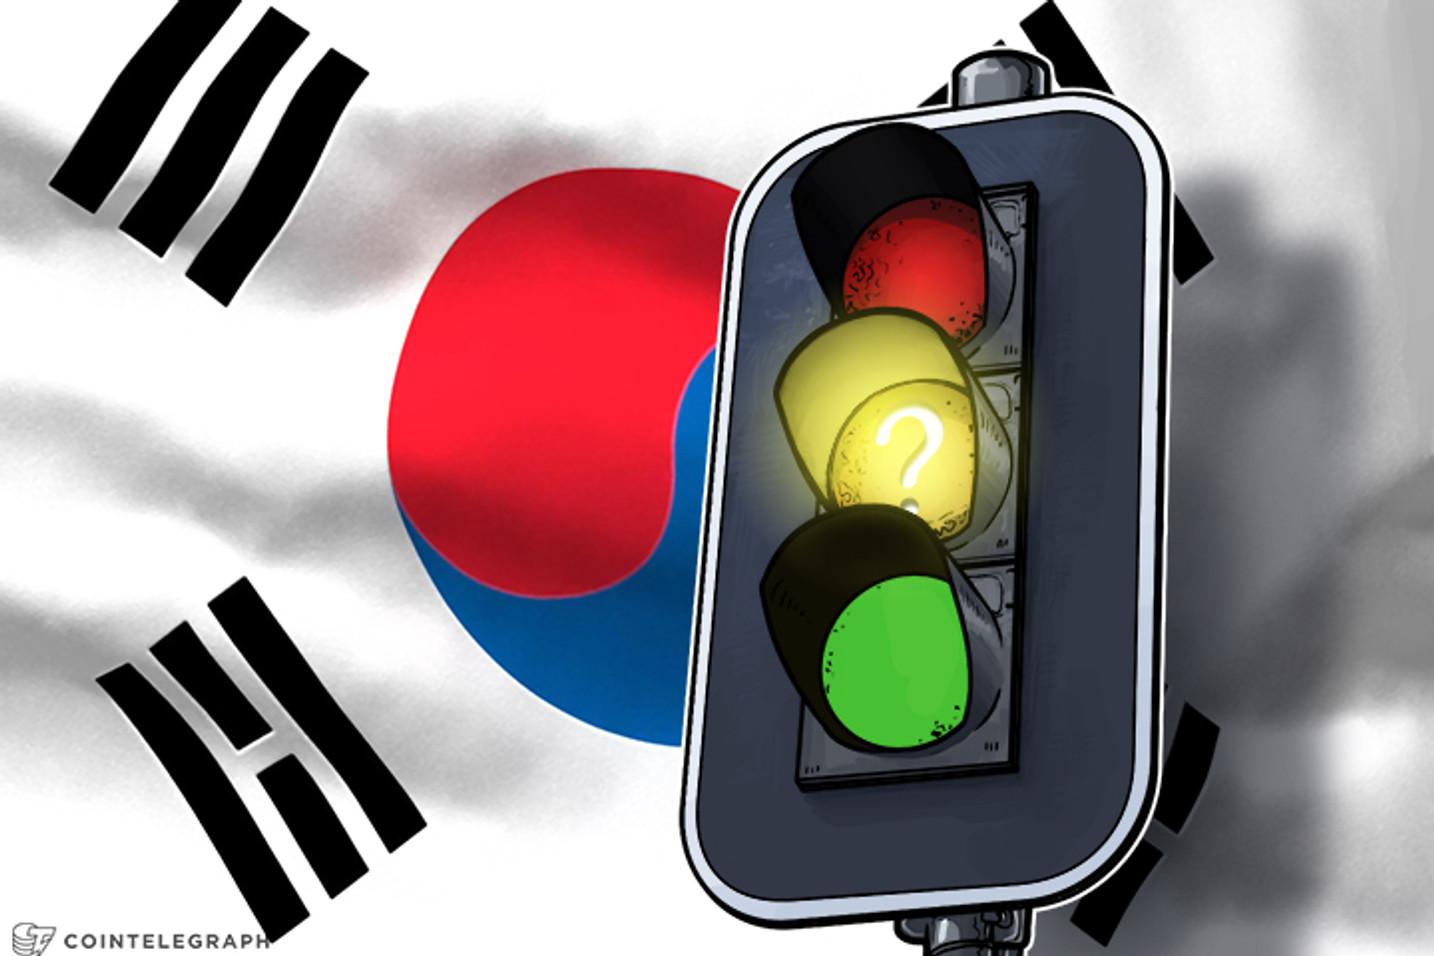 """""""القرار النهائي لم يُتخذ بعد"""": تباين مواقف وزراء حكومة كوريا الجنوبيَّة بشأن مقترح حظر العملات الرقميَّة"""